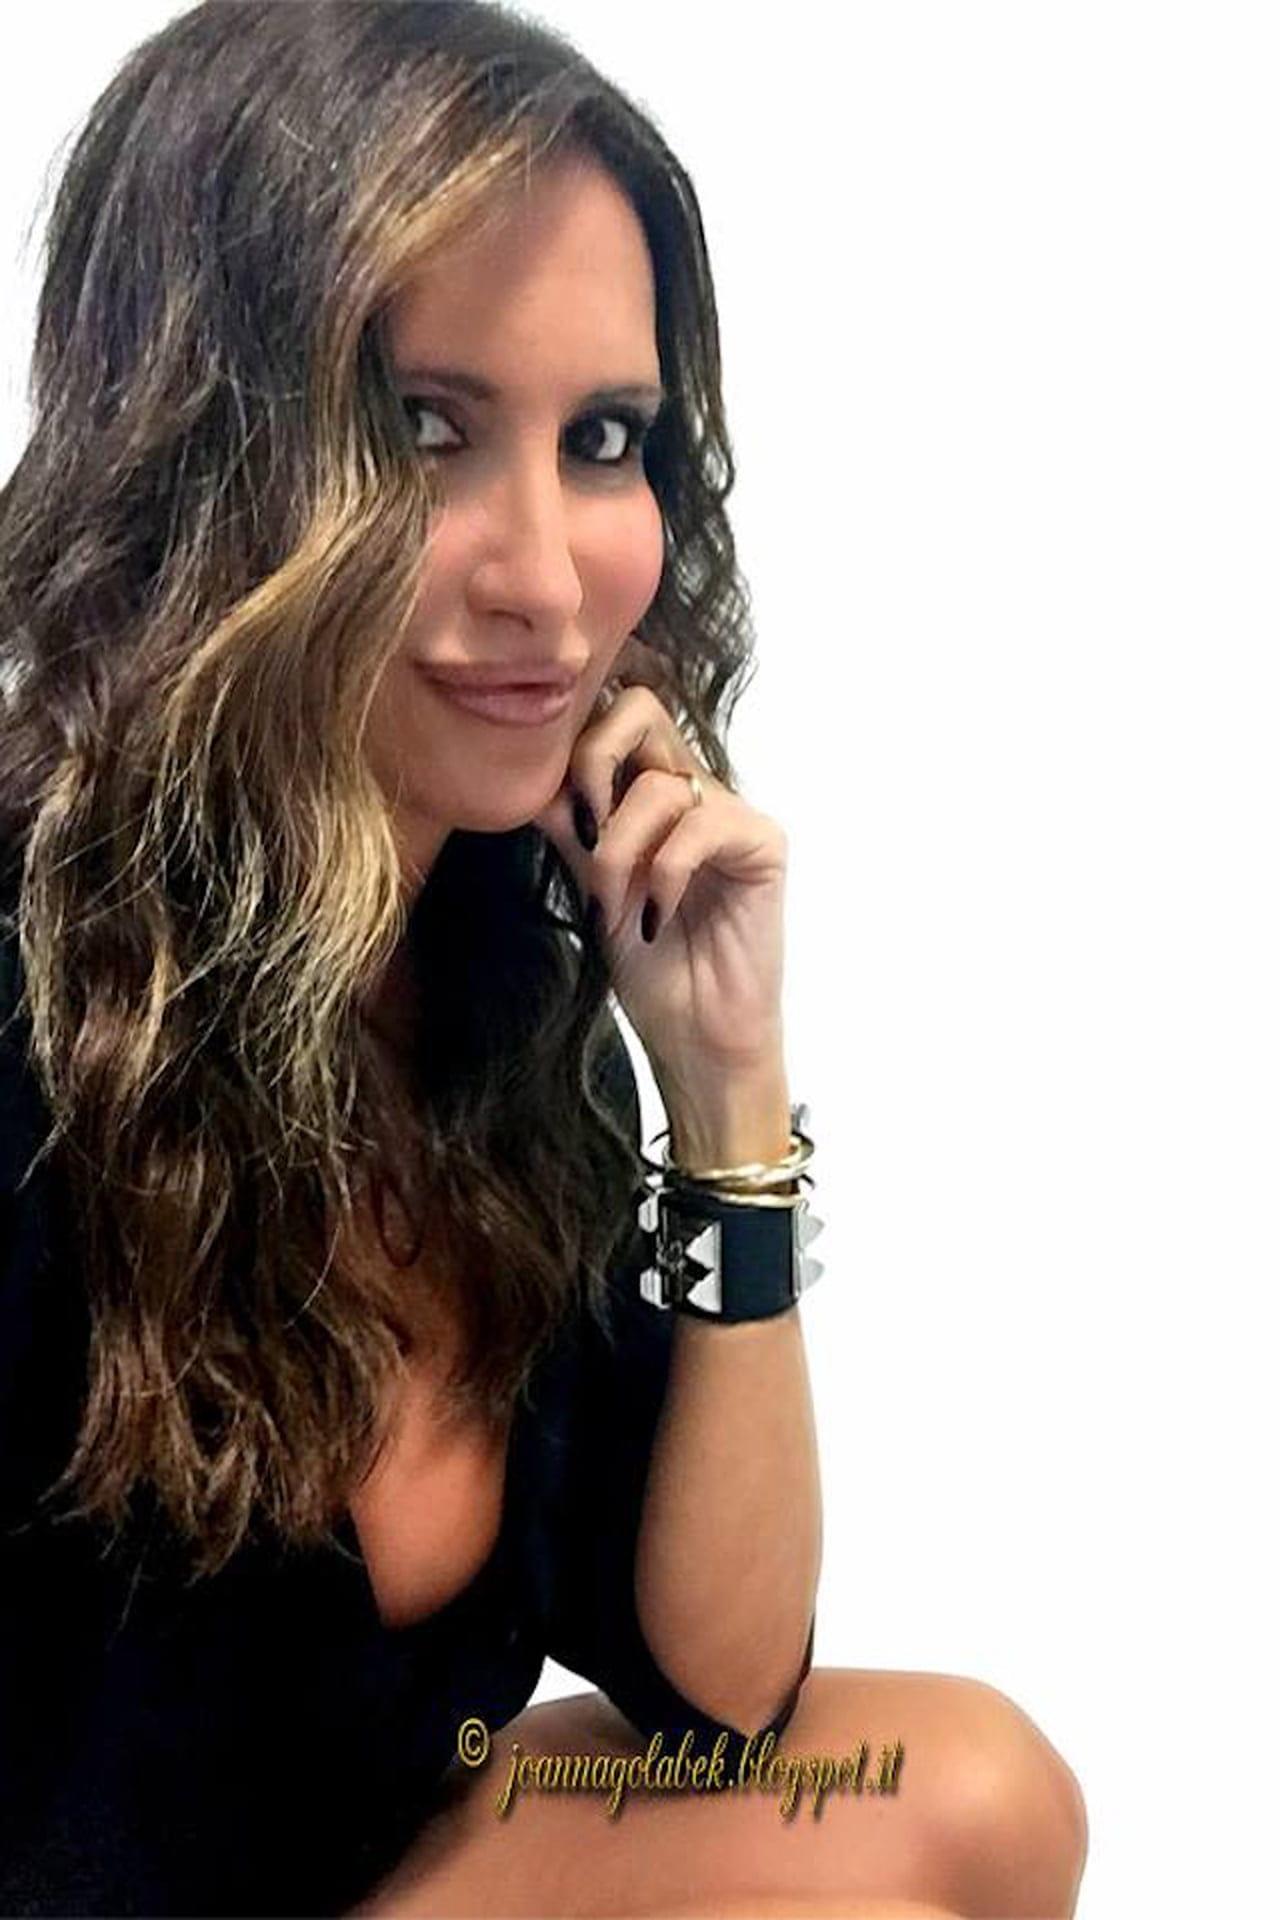 Joanna Golabek: Un Gioiello Di Donna, Una Donna Per Gioiello